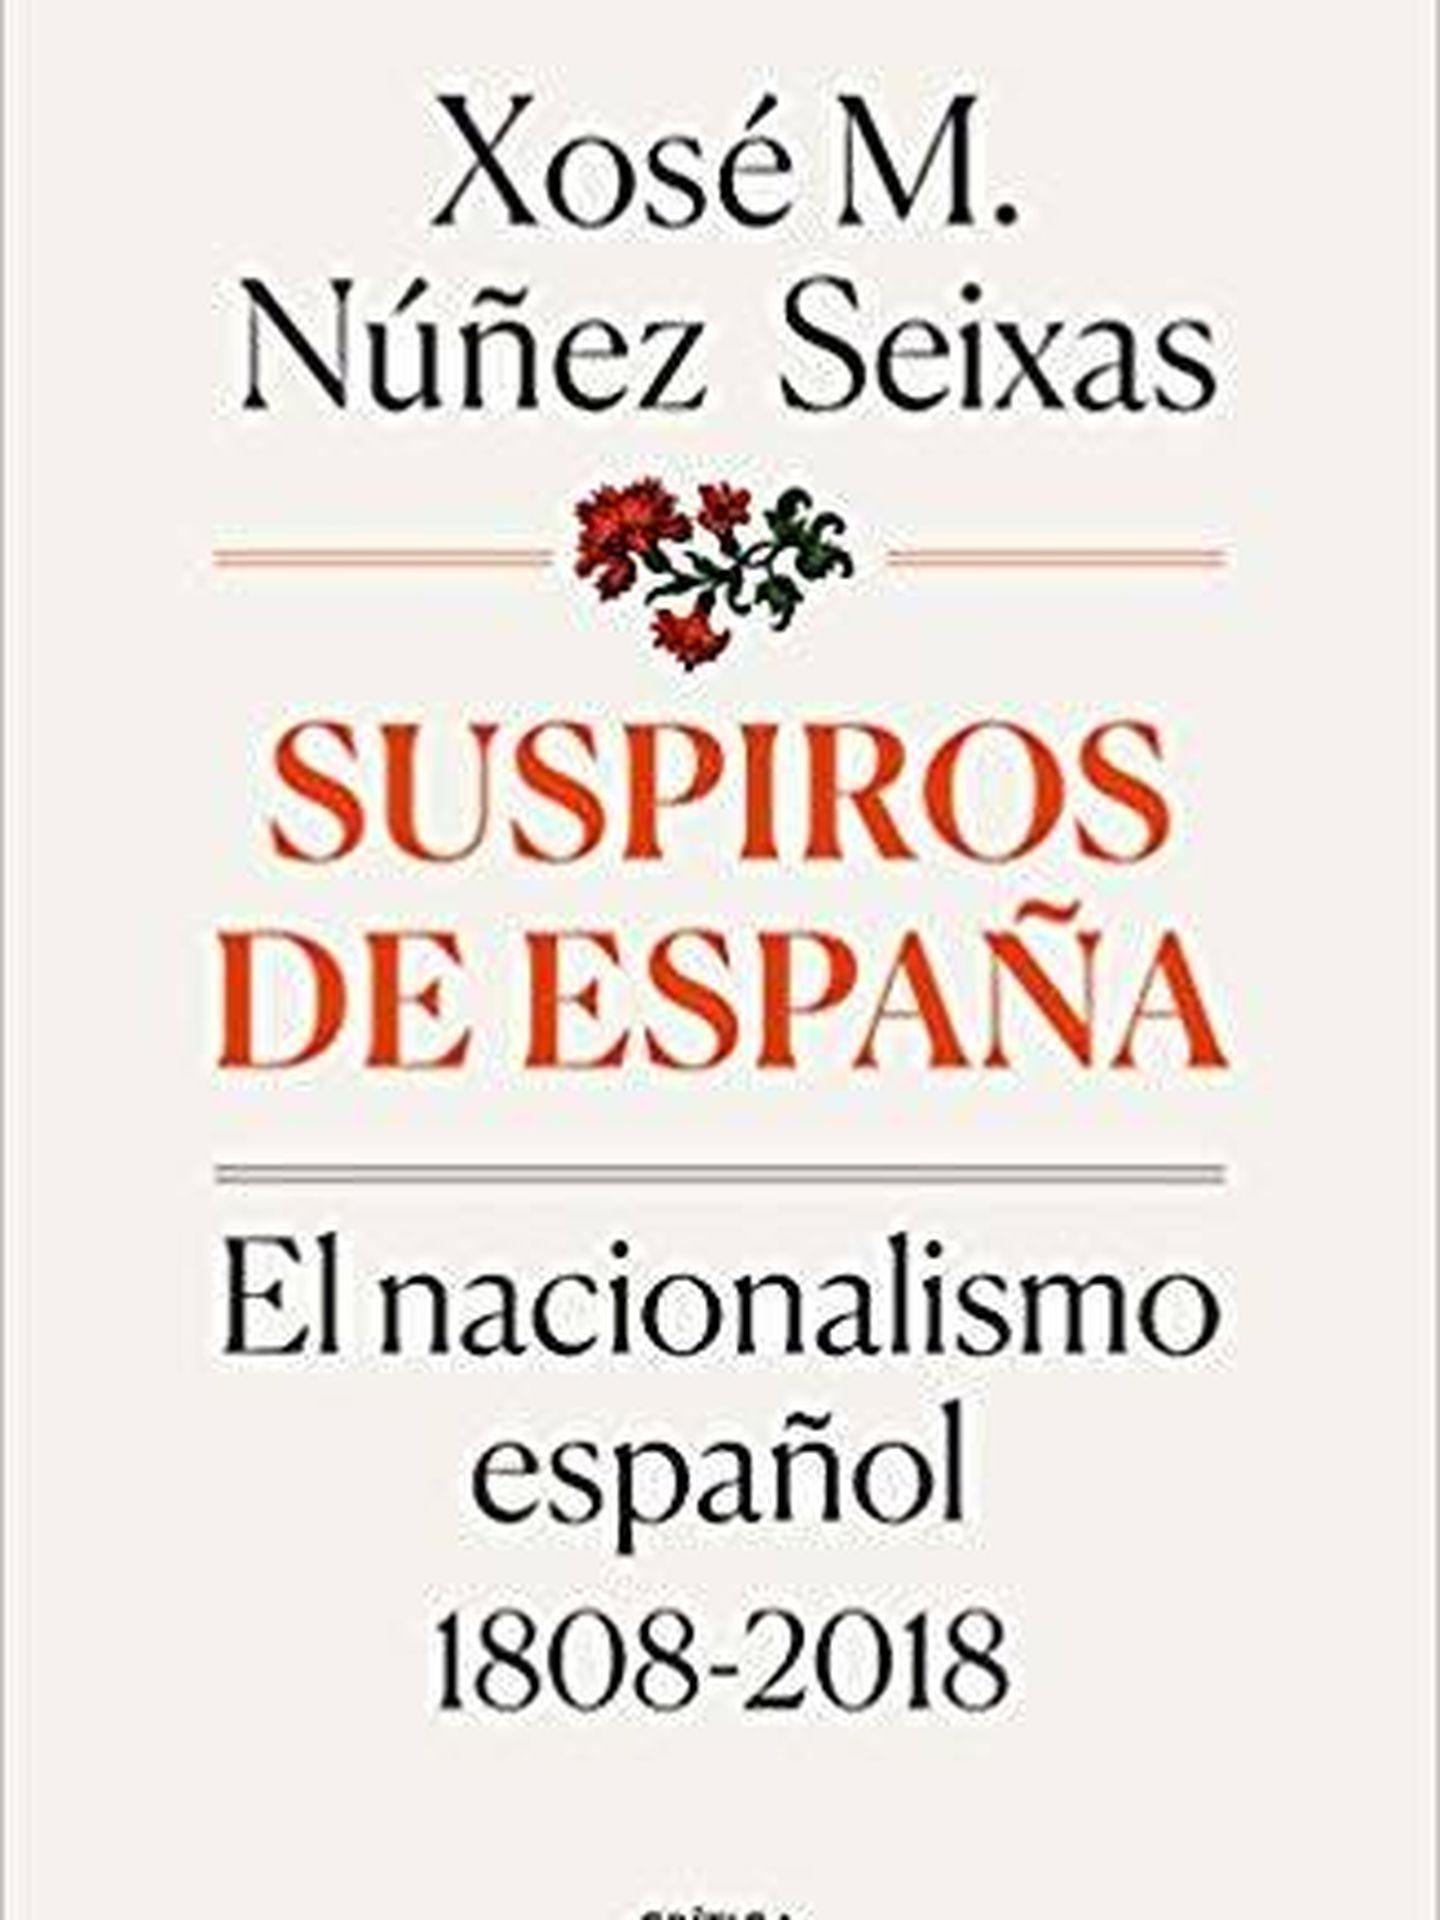 Suspiros de España, por Xosé M. Núñez Seixas. (Crítica, 2018)